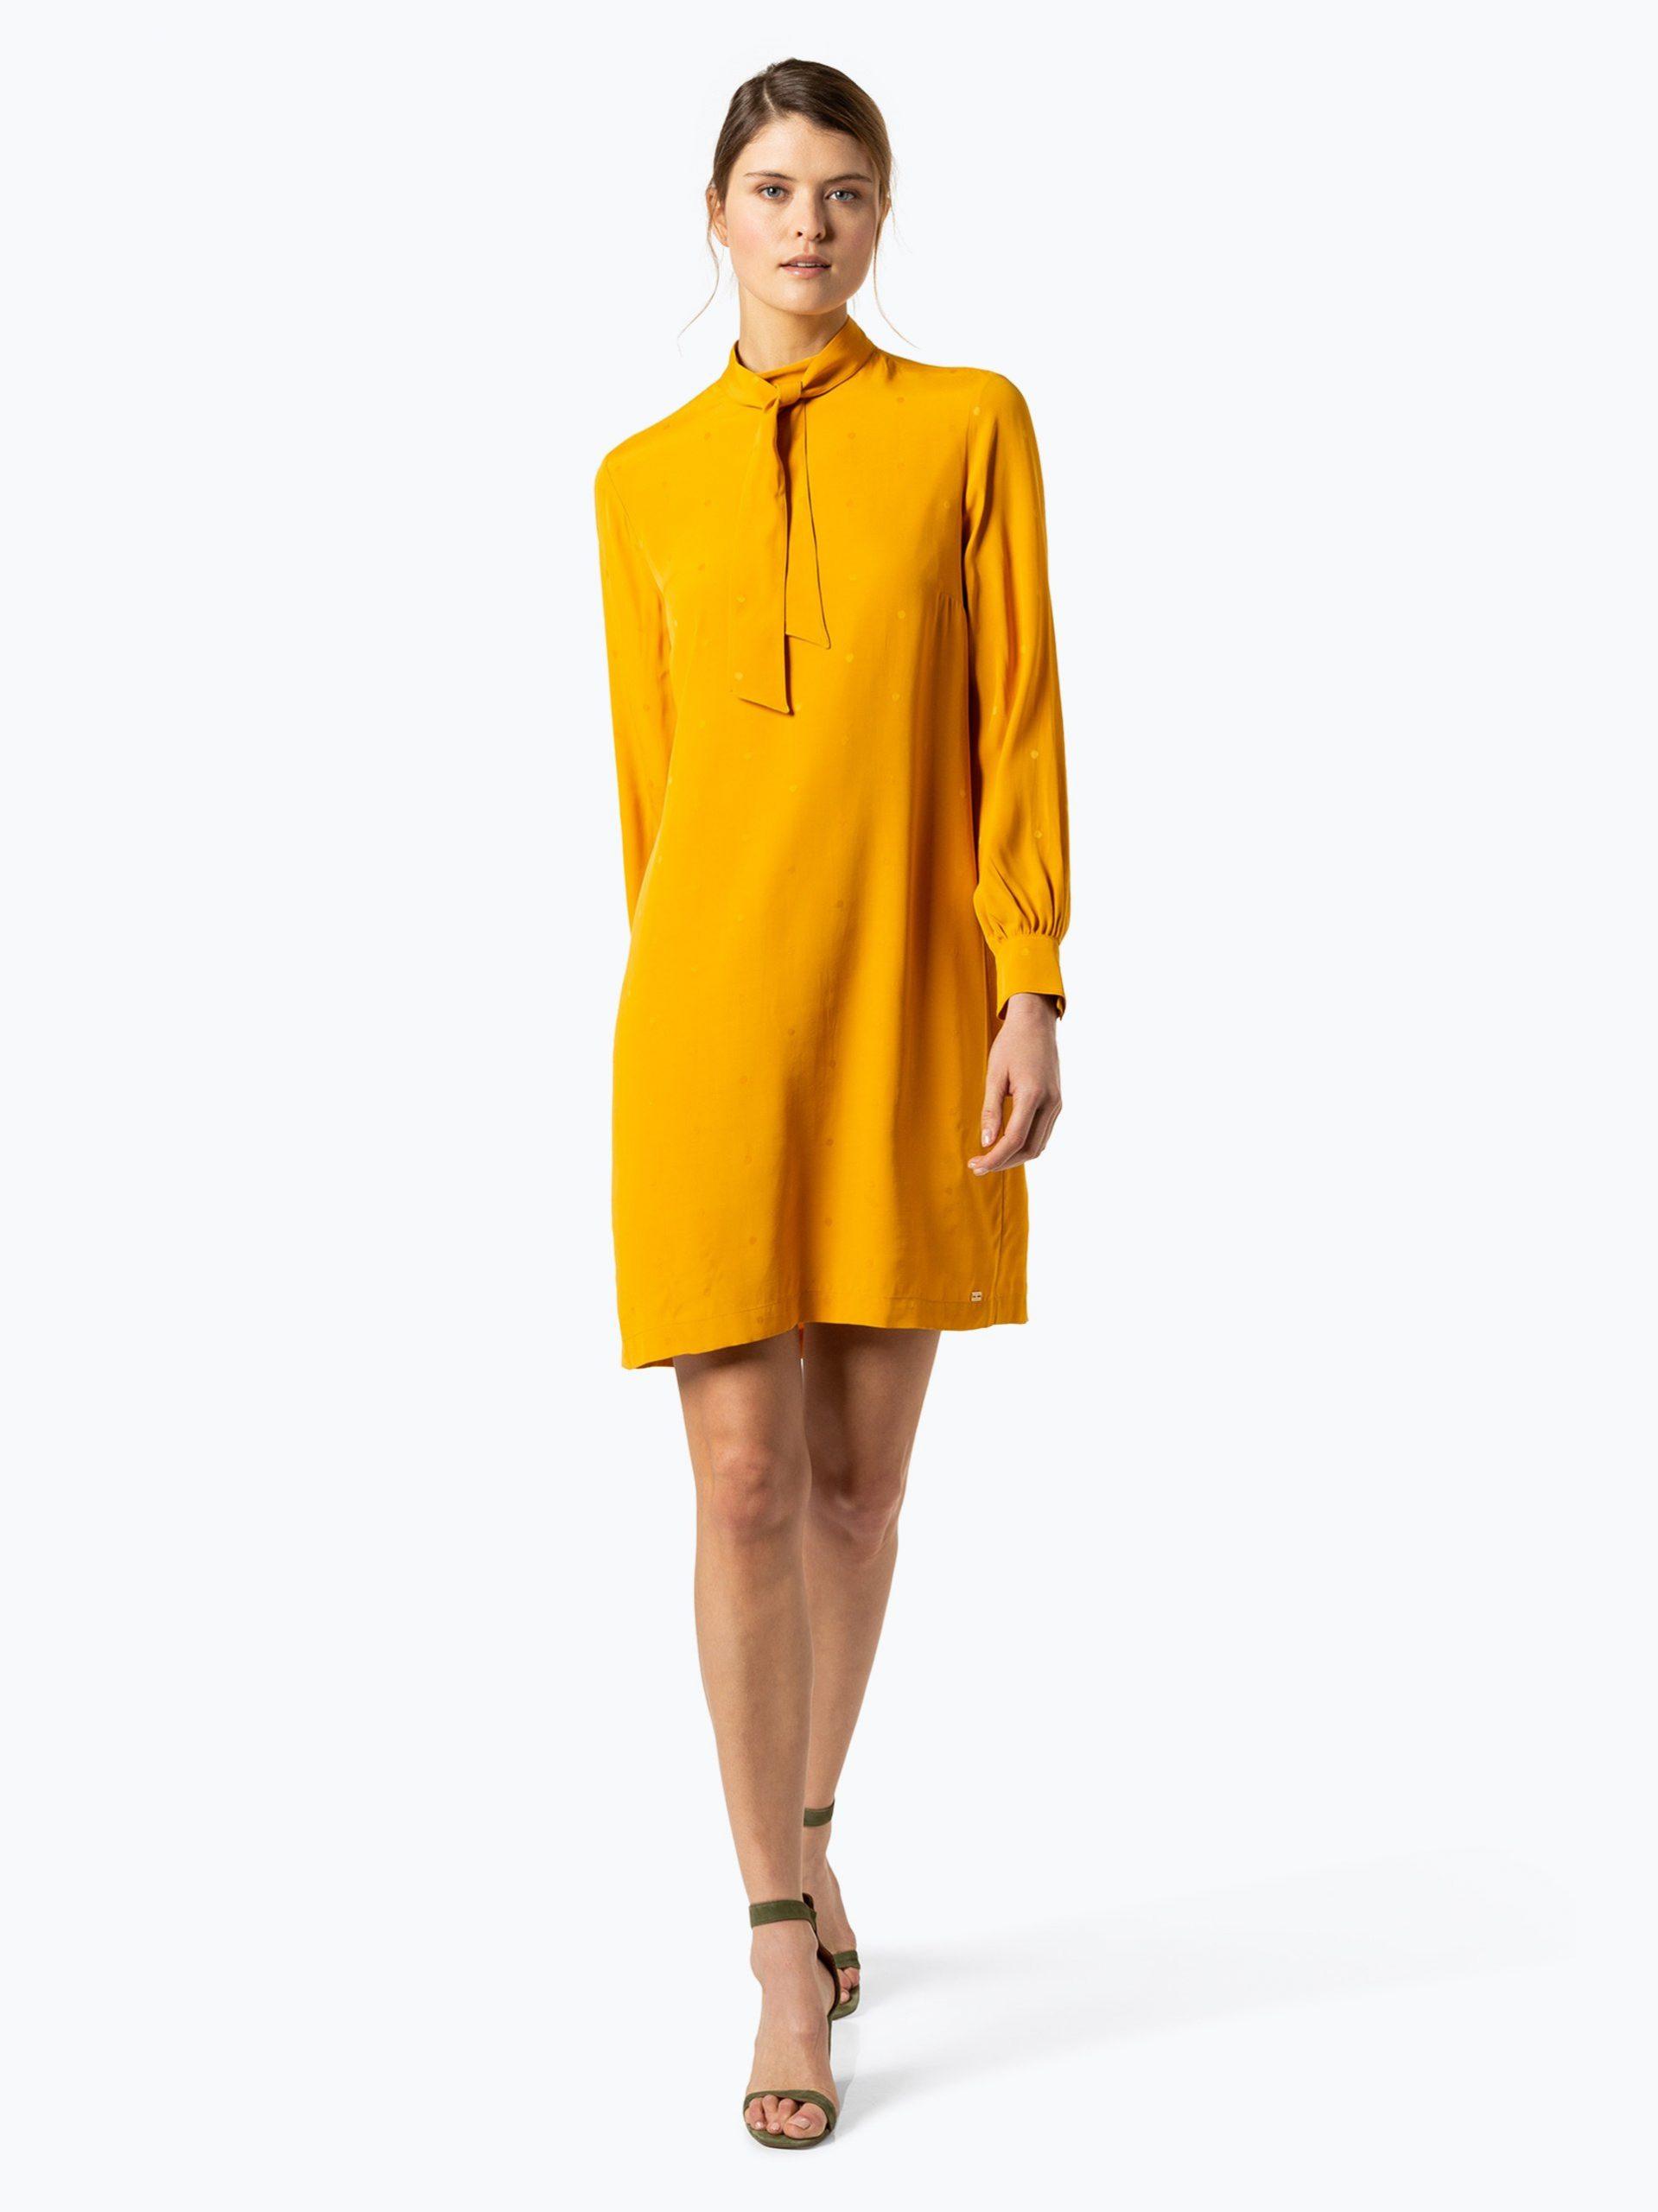 Tommy Hilfiger Damen Kleid  Susanna Online Kaufen  Peek